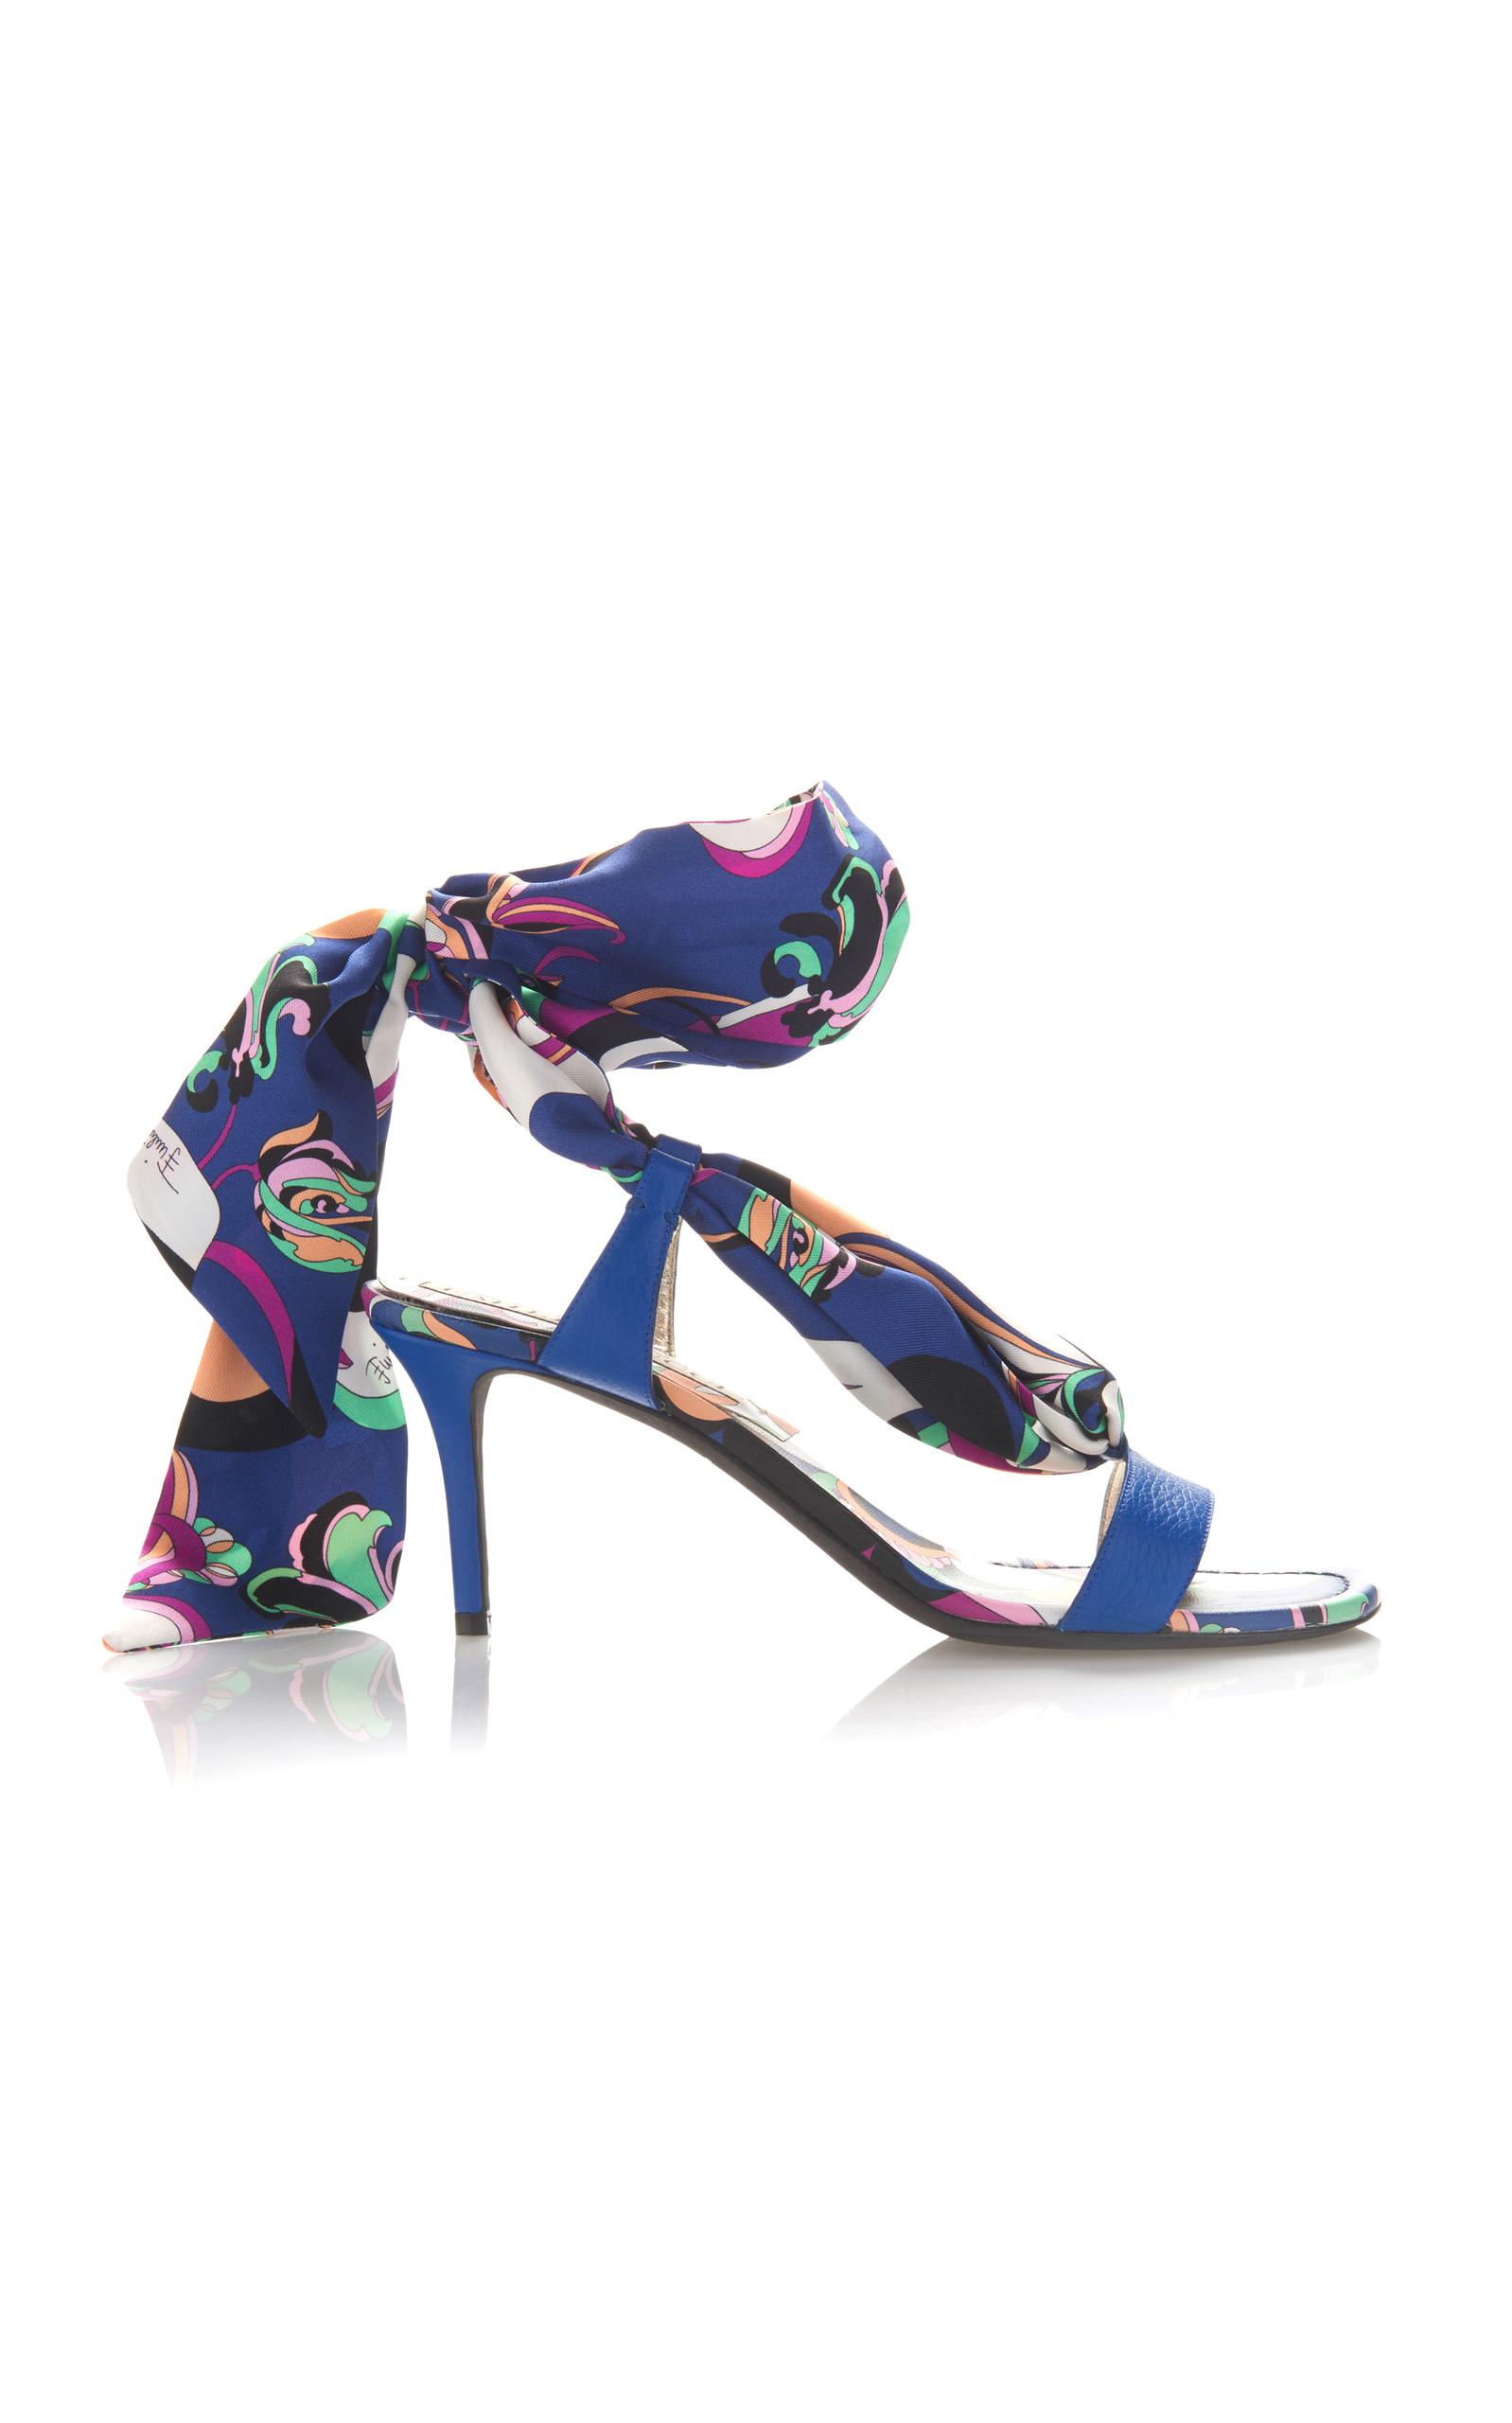 Emilio Pucci Aruba Impression Ficeler Des Sandales - Bleu p26P6NAC1